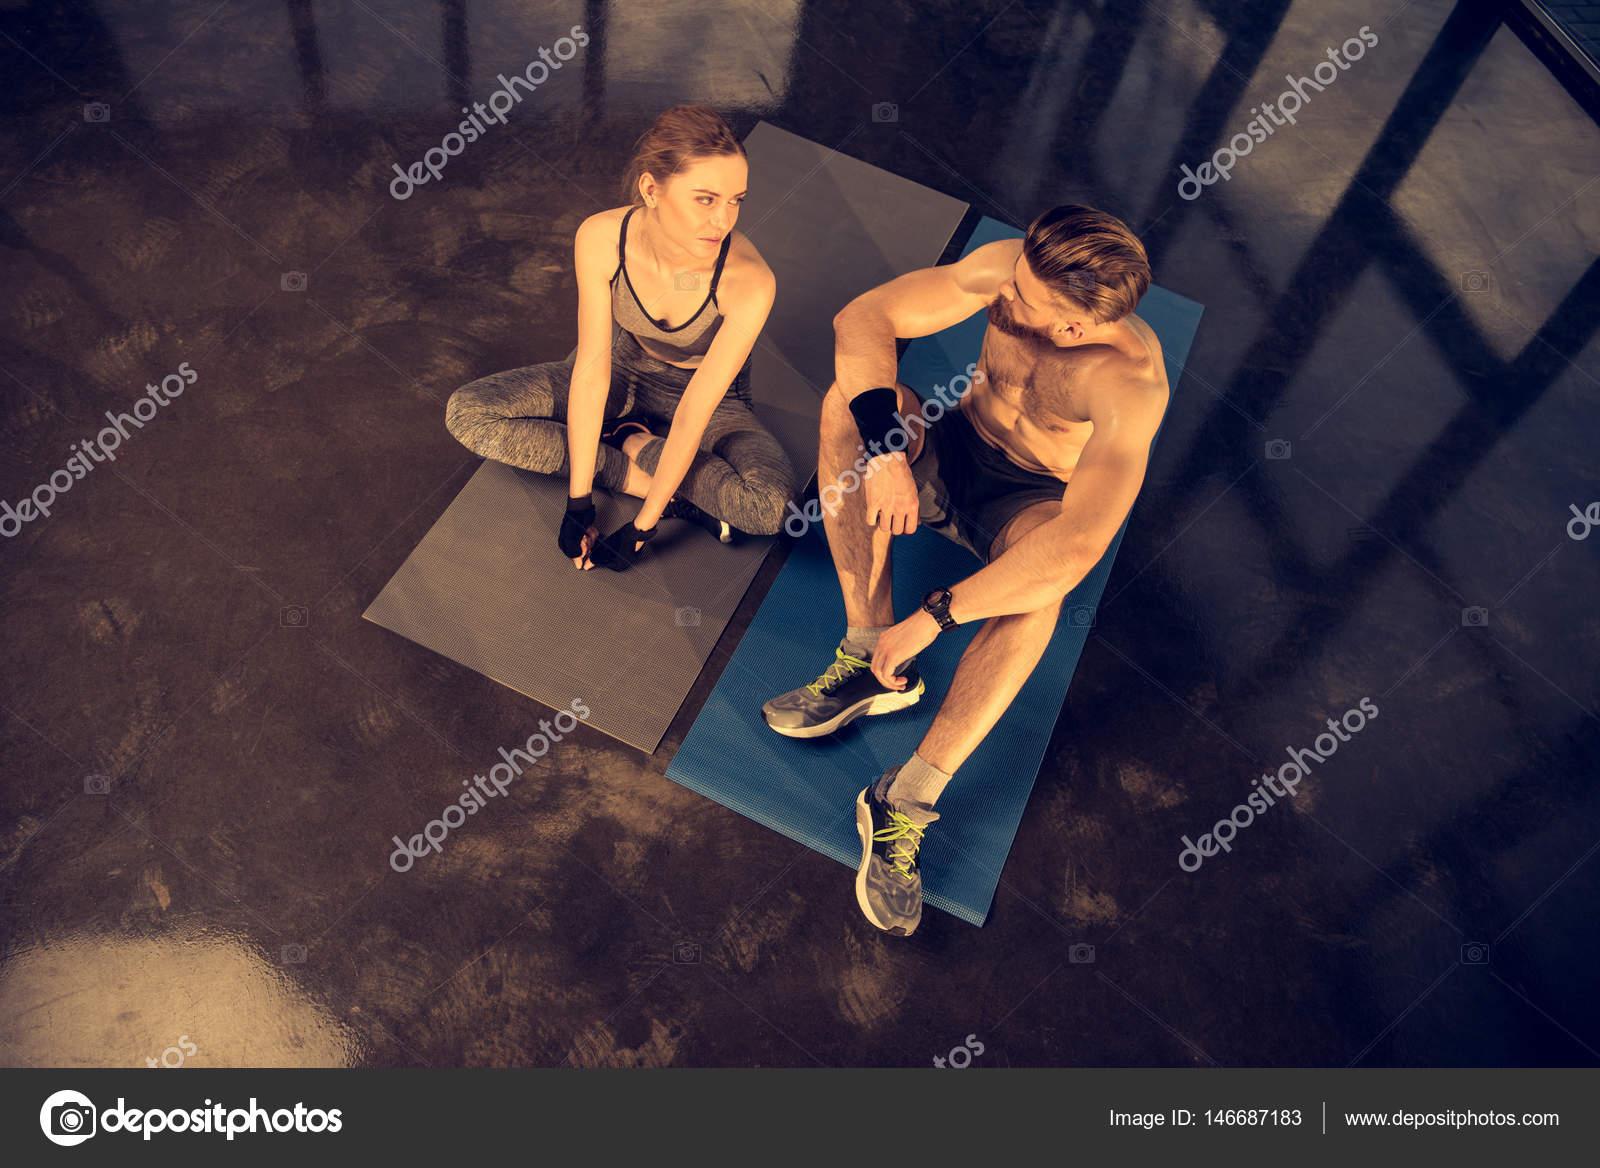 Sporda etkili dinlenme rehberi